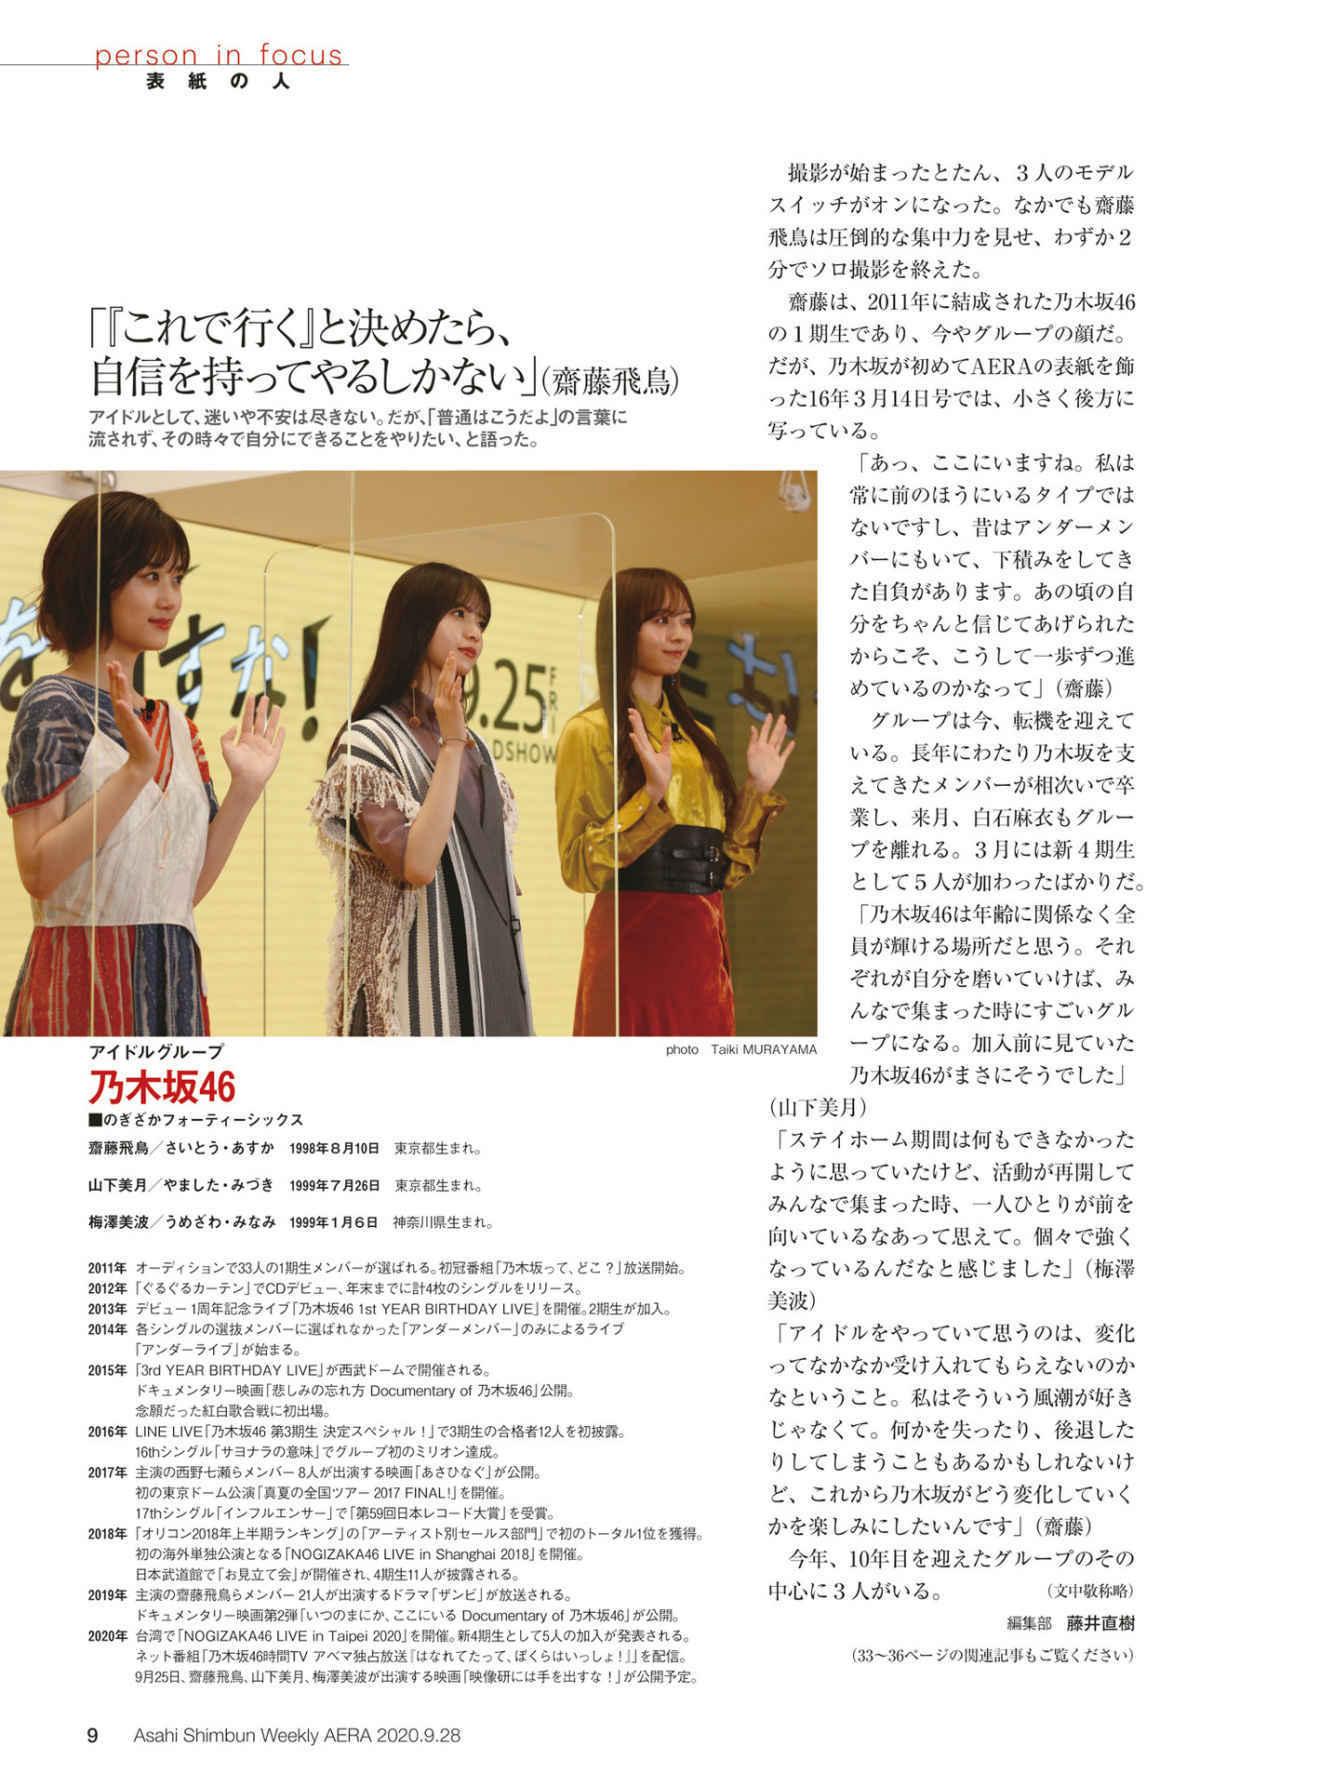 坂道系大合集第21弹